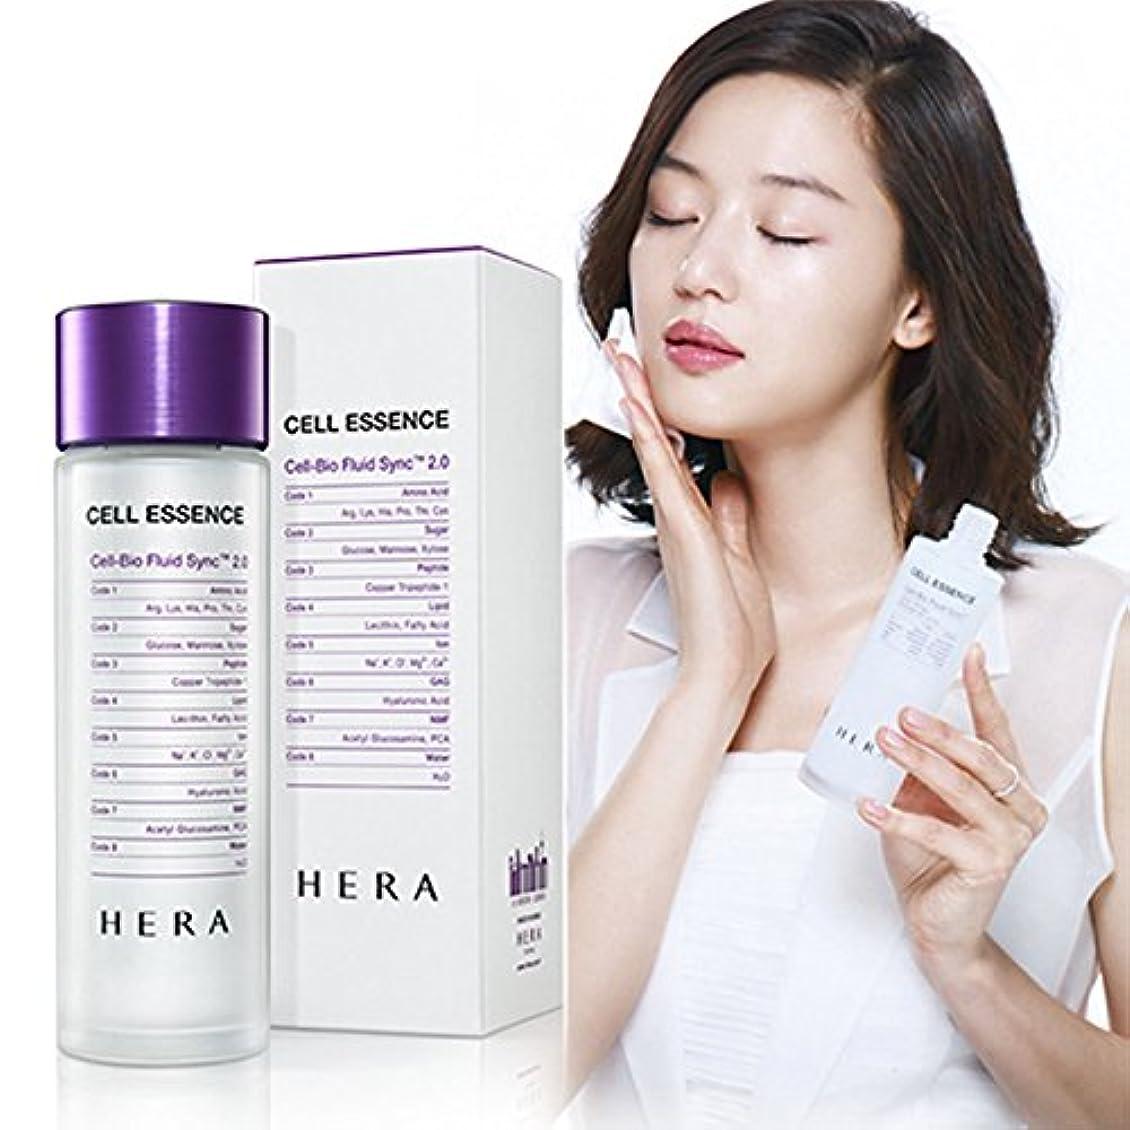 歌うマスク歯科のHERA/ヘラ セルエッセンス セル?バイオフルイドシンク2.0 150ml 5 Oz 2016ニューバージョン(Hera Cell Essence Cell-Bio Fluid Sync 2.0 150ml 5 Oz...